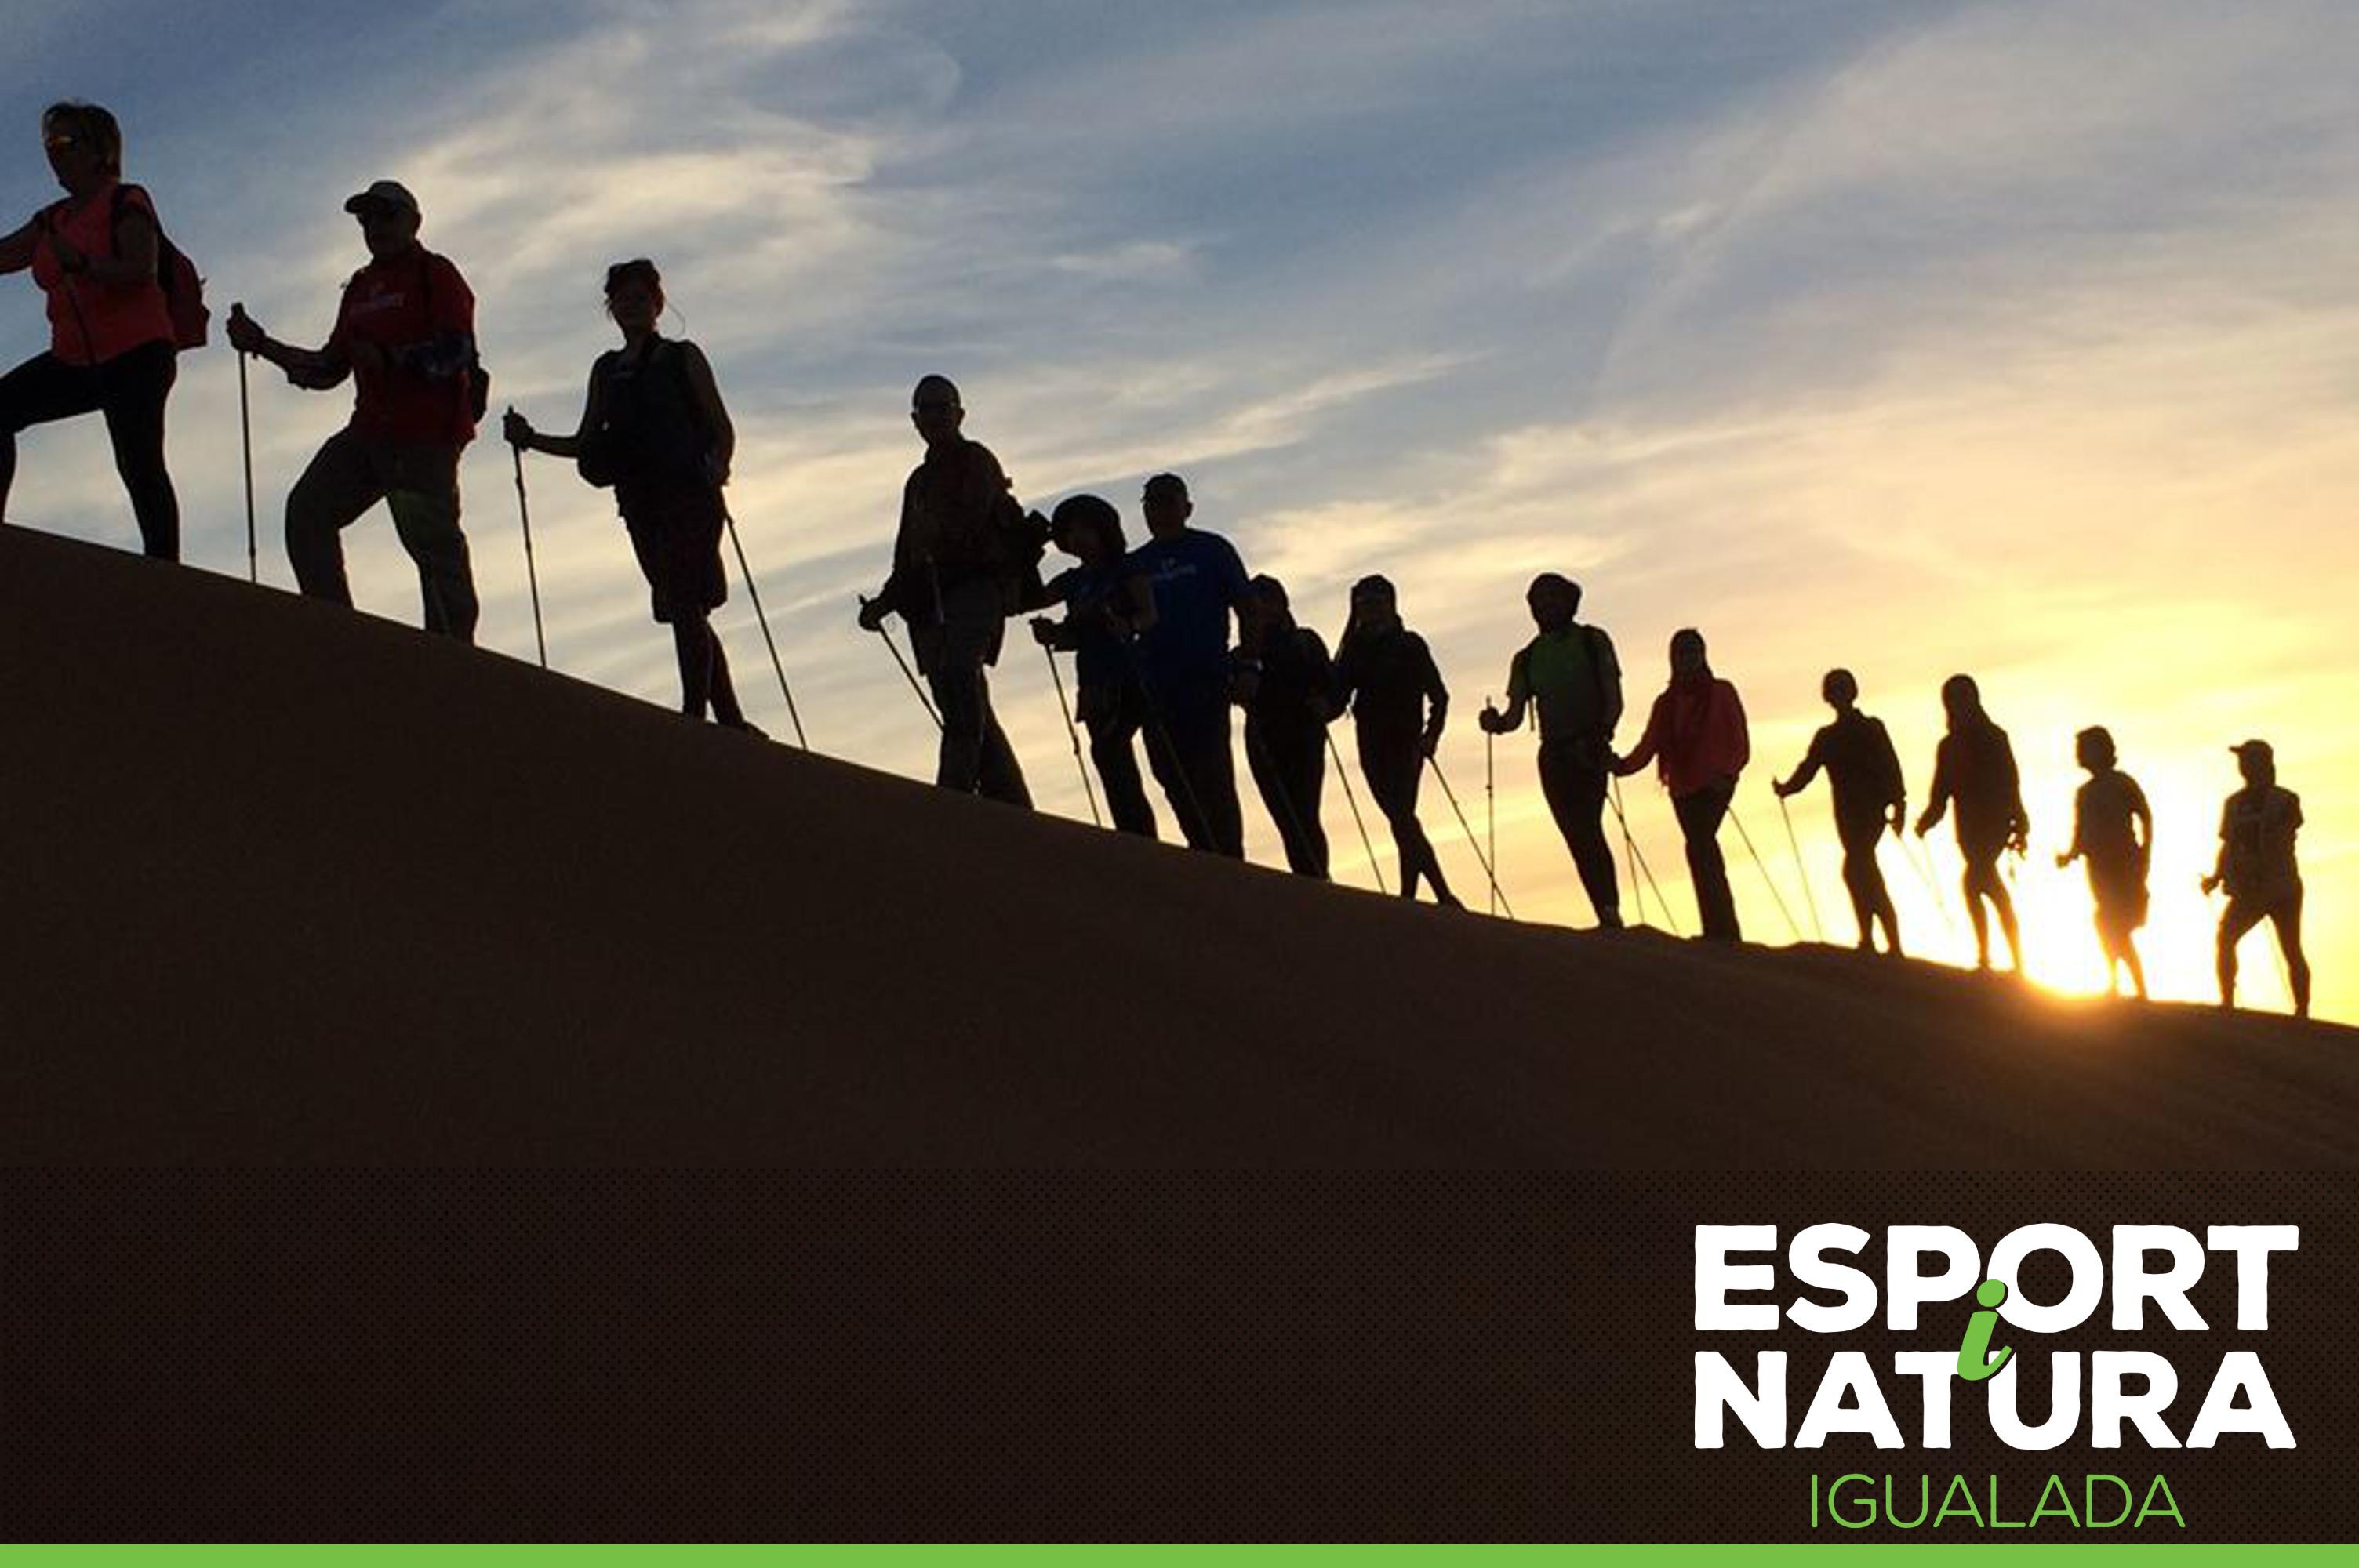 Curs gratuït de Marxa Nòrdica durant l'Esport i Natura